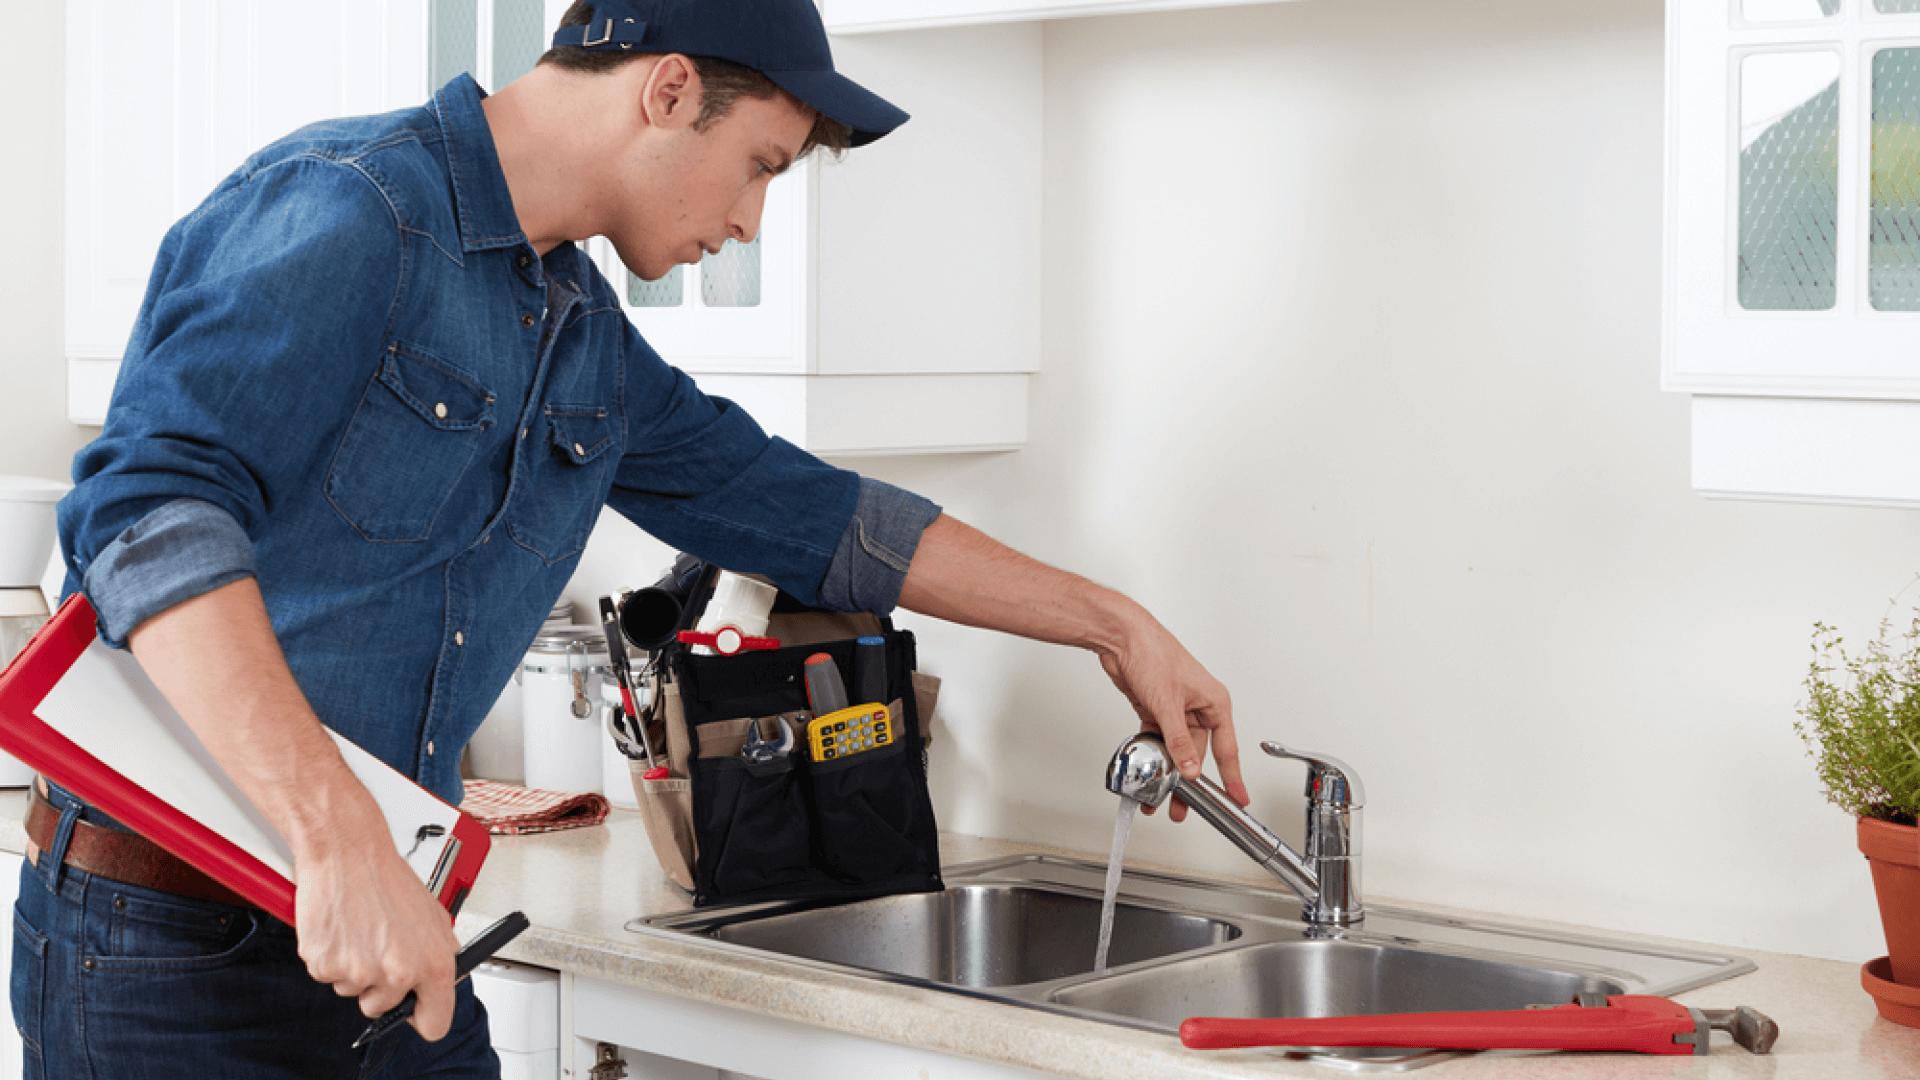 شركة نظافه المنازل من جميع أنواع الحشرات0533114231نظافة عامة